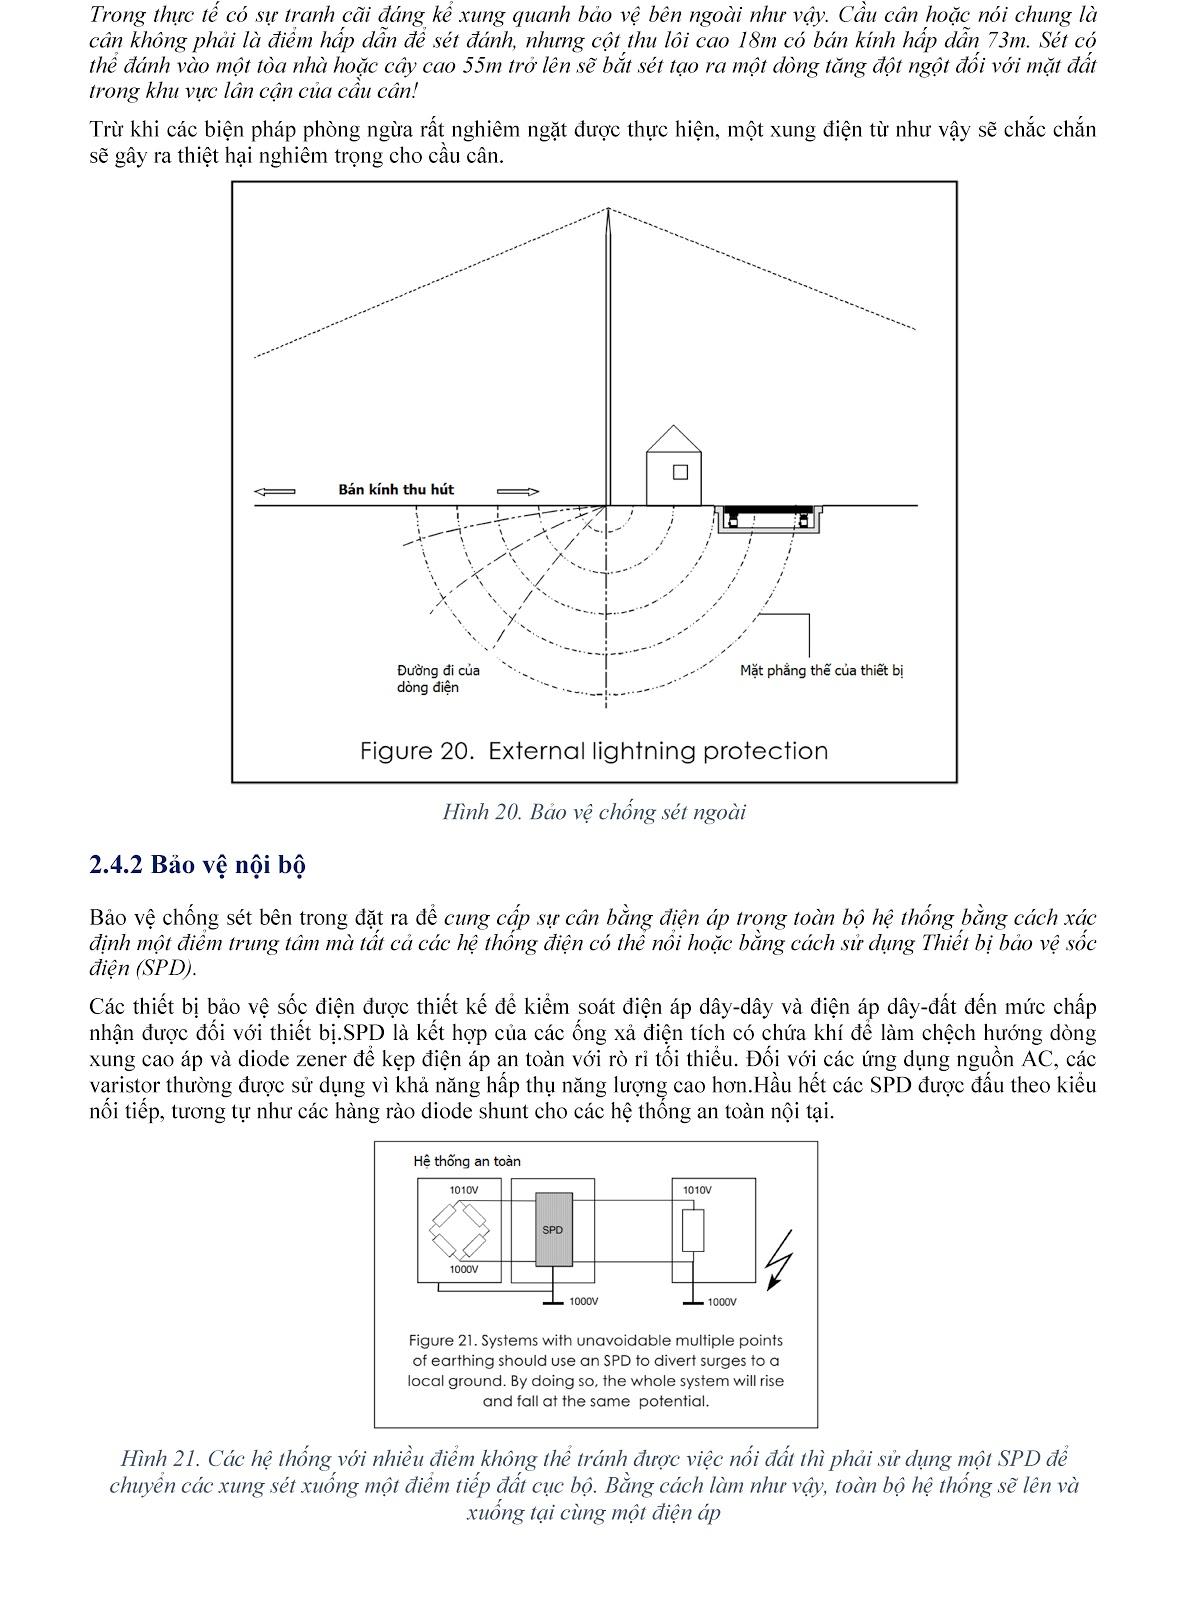 Lưu ý kỹ thuật về Load cell và module cân điện tử (tt) 15